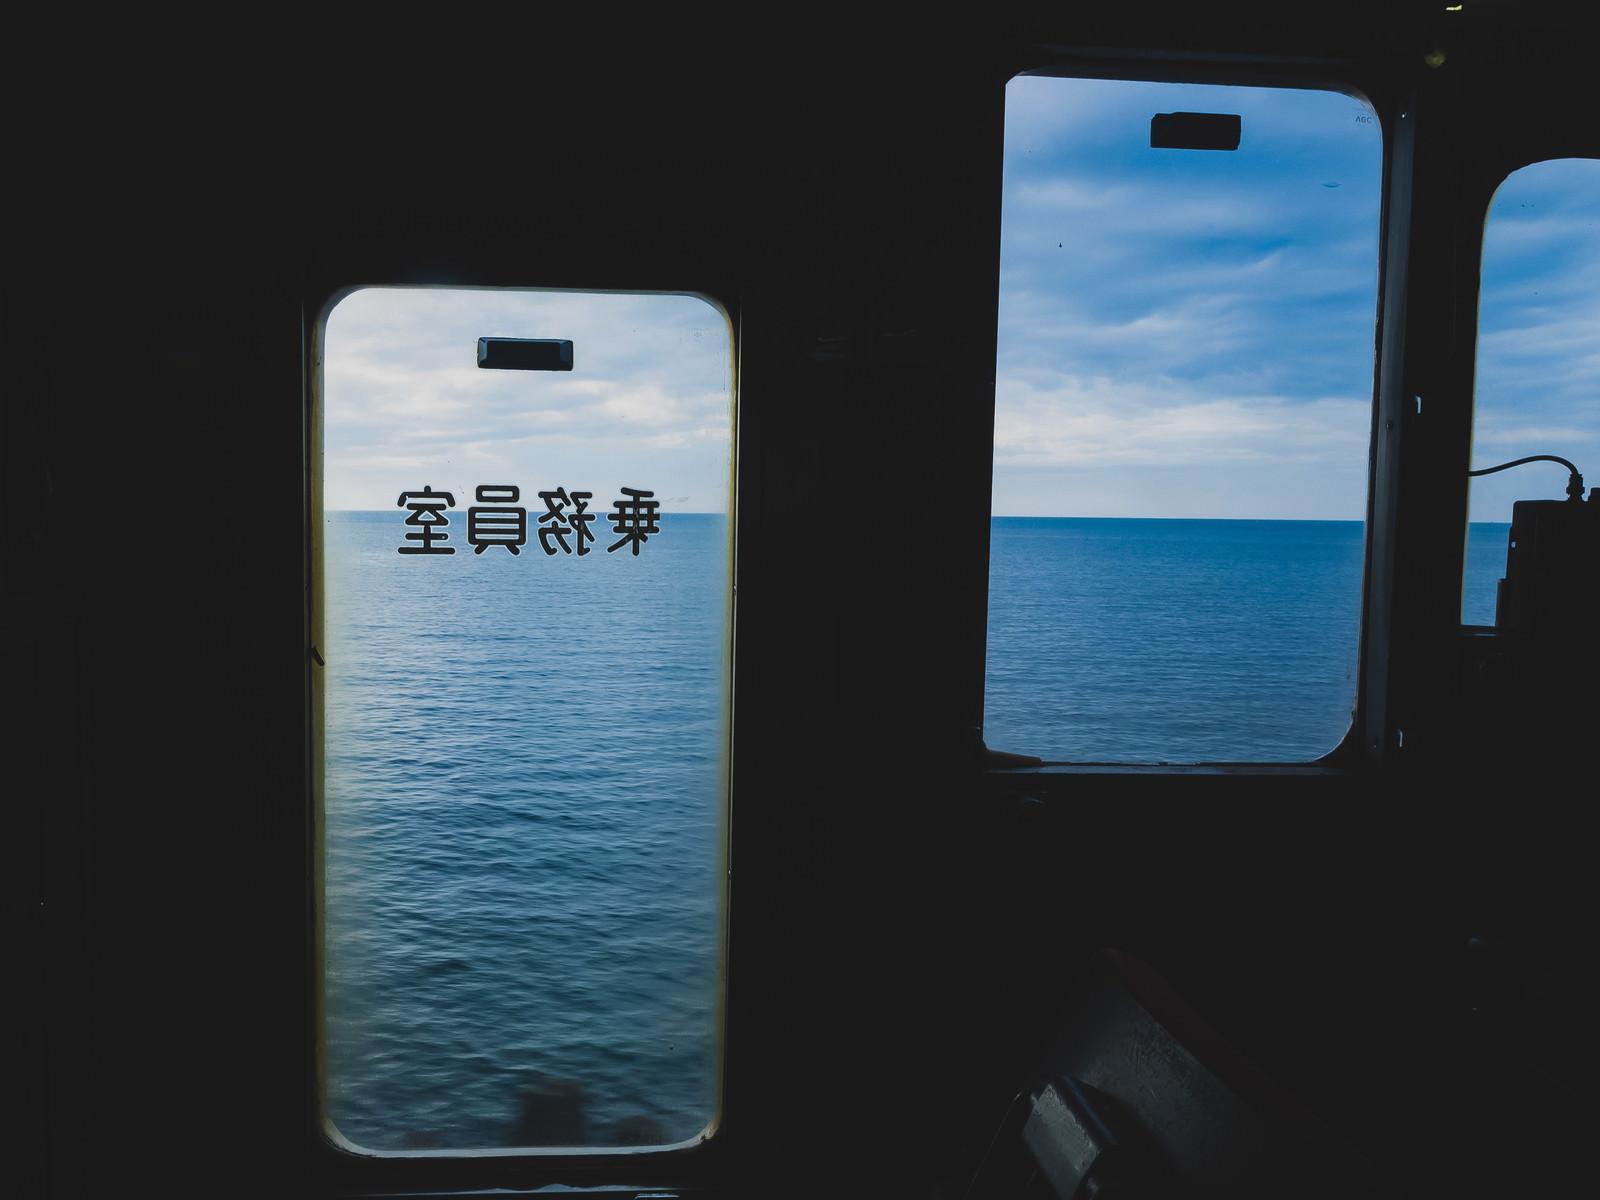 「リゾートしらかみの車内より日本海を望む景色」の写真